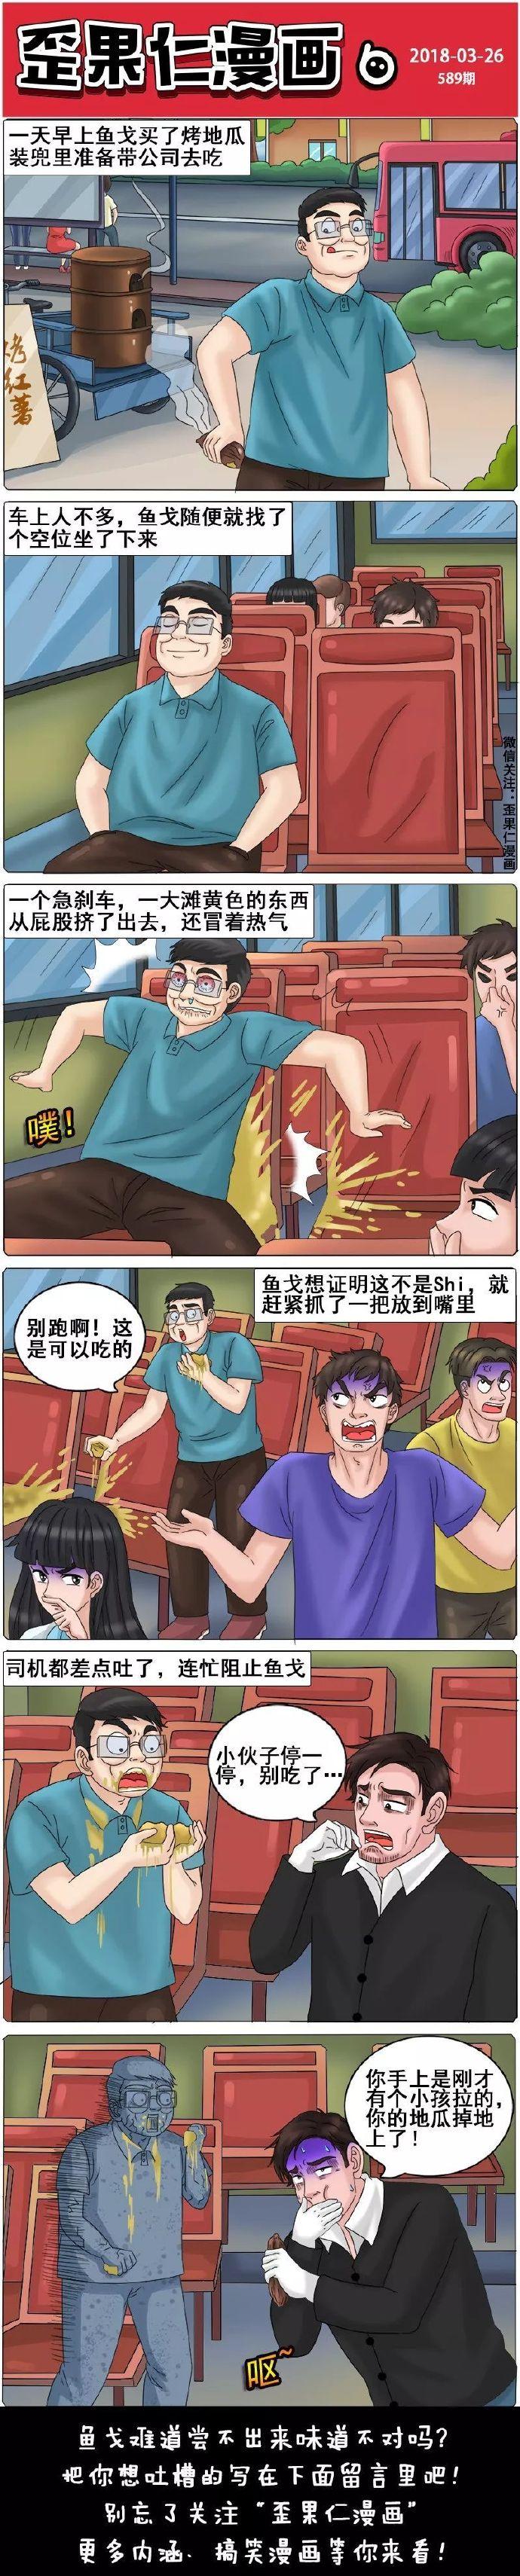 """歪果仁漫��第589期:�后慎�c!�X�c小伙�o情出演""""周一公交�K案""""!"""